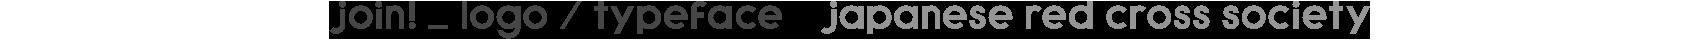 JOIN!_Logo&Typo